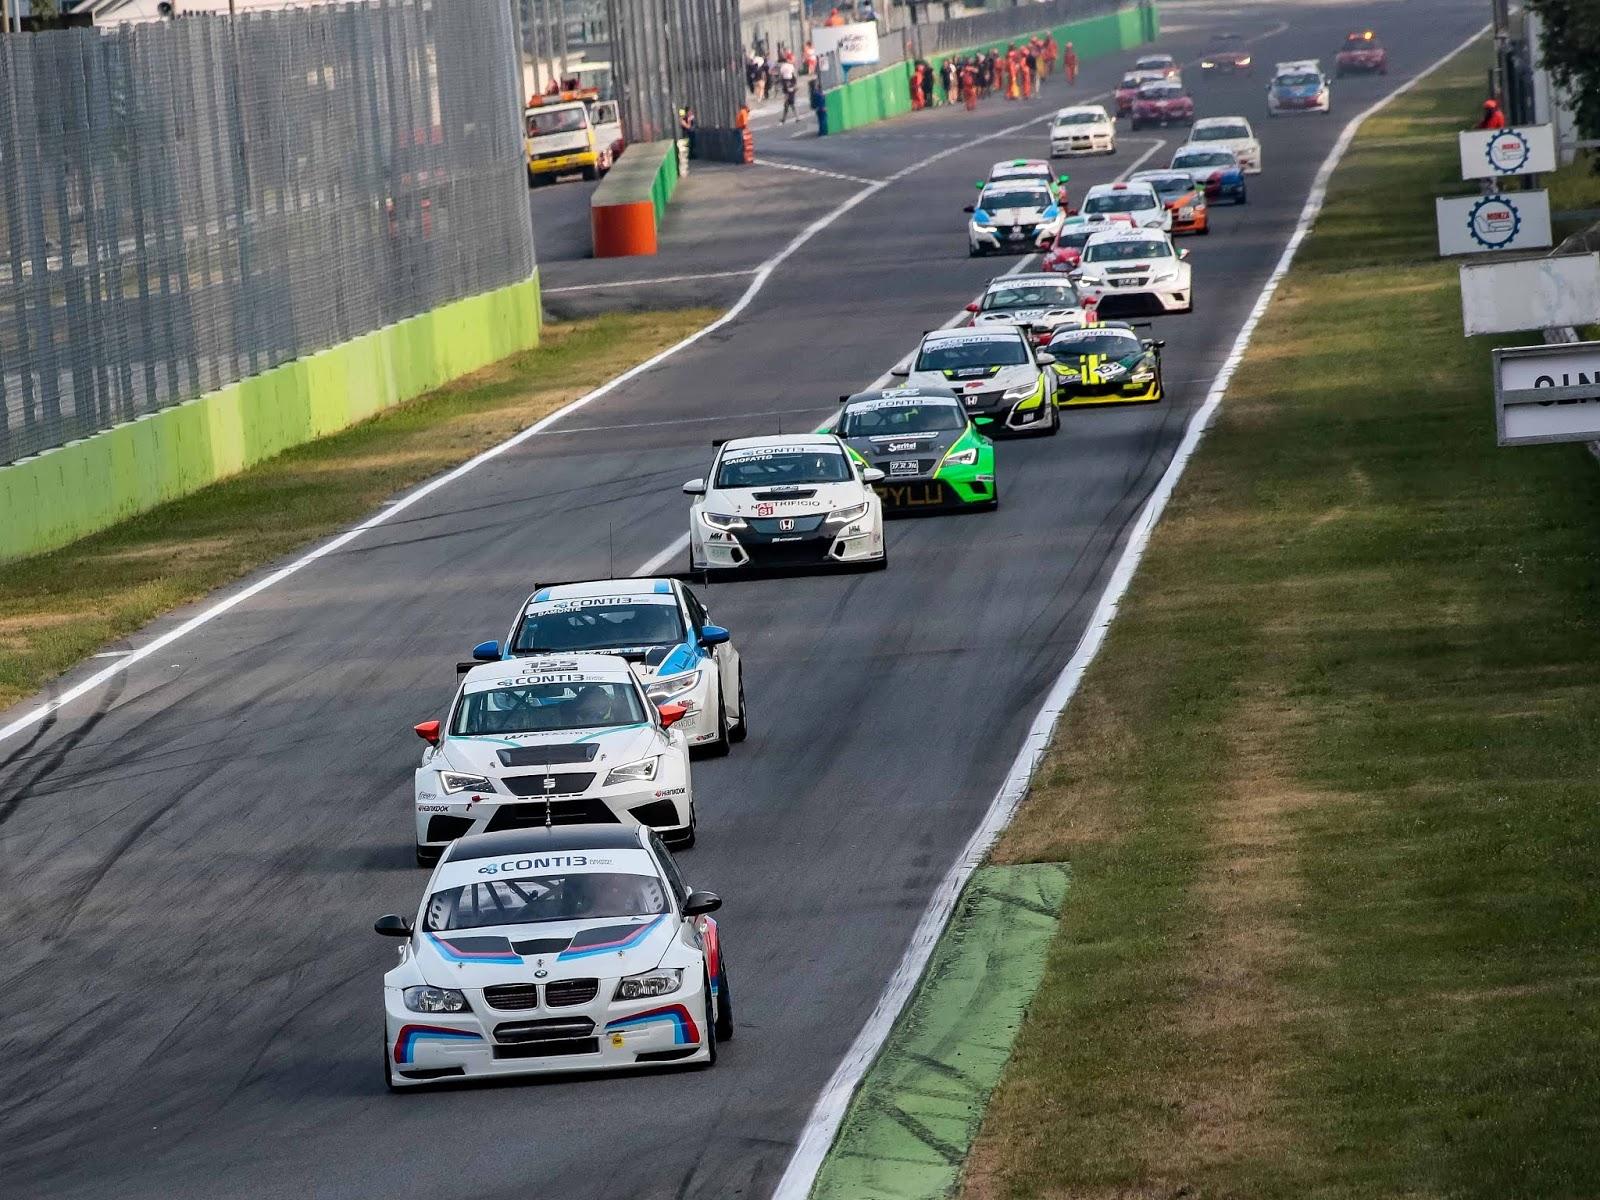 Circuito Monza : Polistil pista elettrica monza amazon giochi e giocattoli